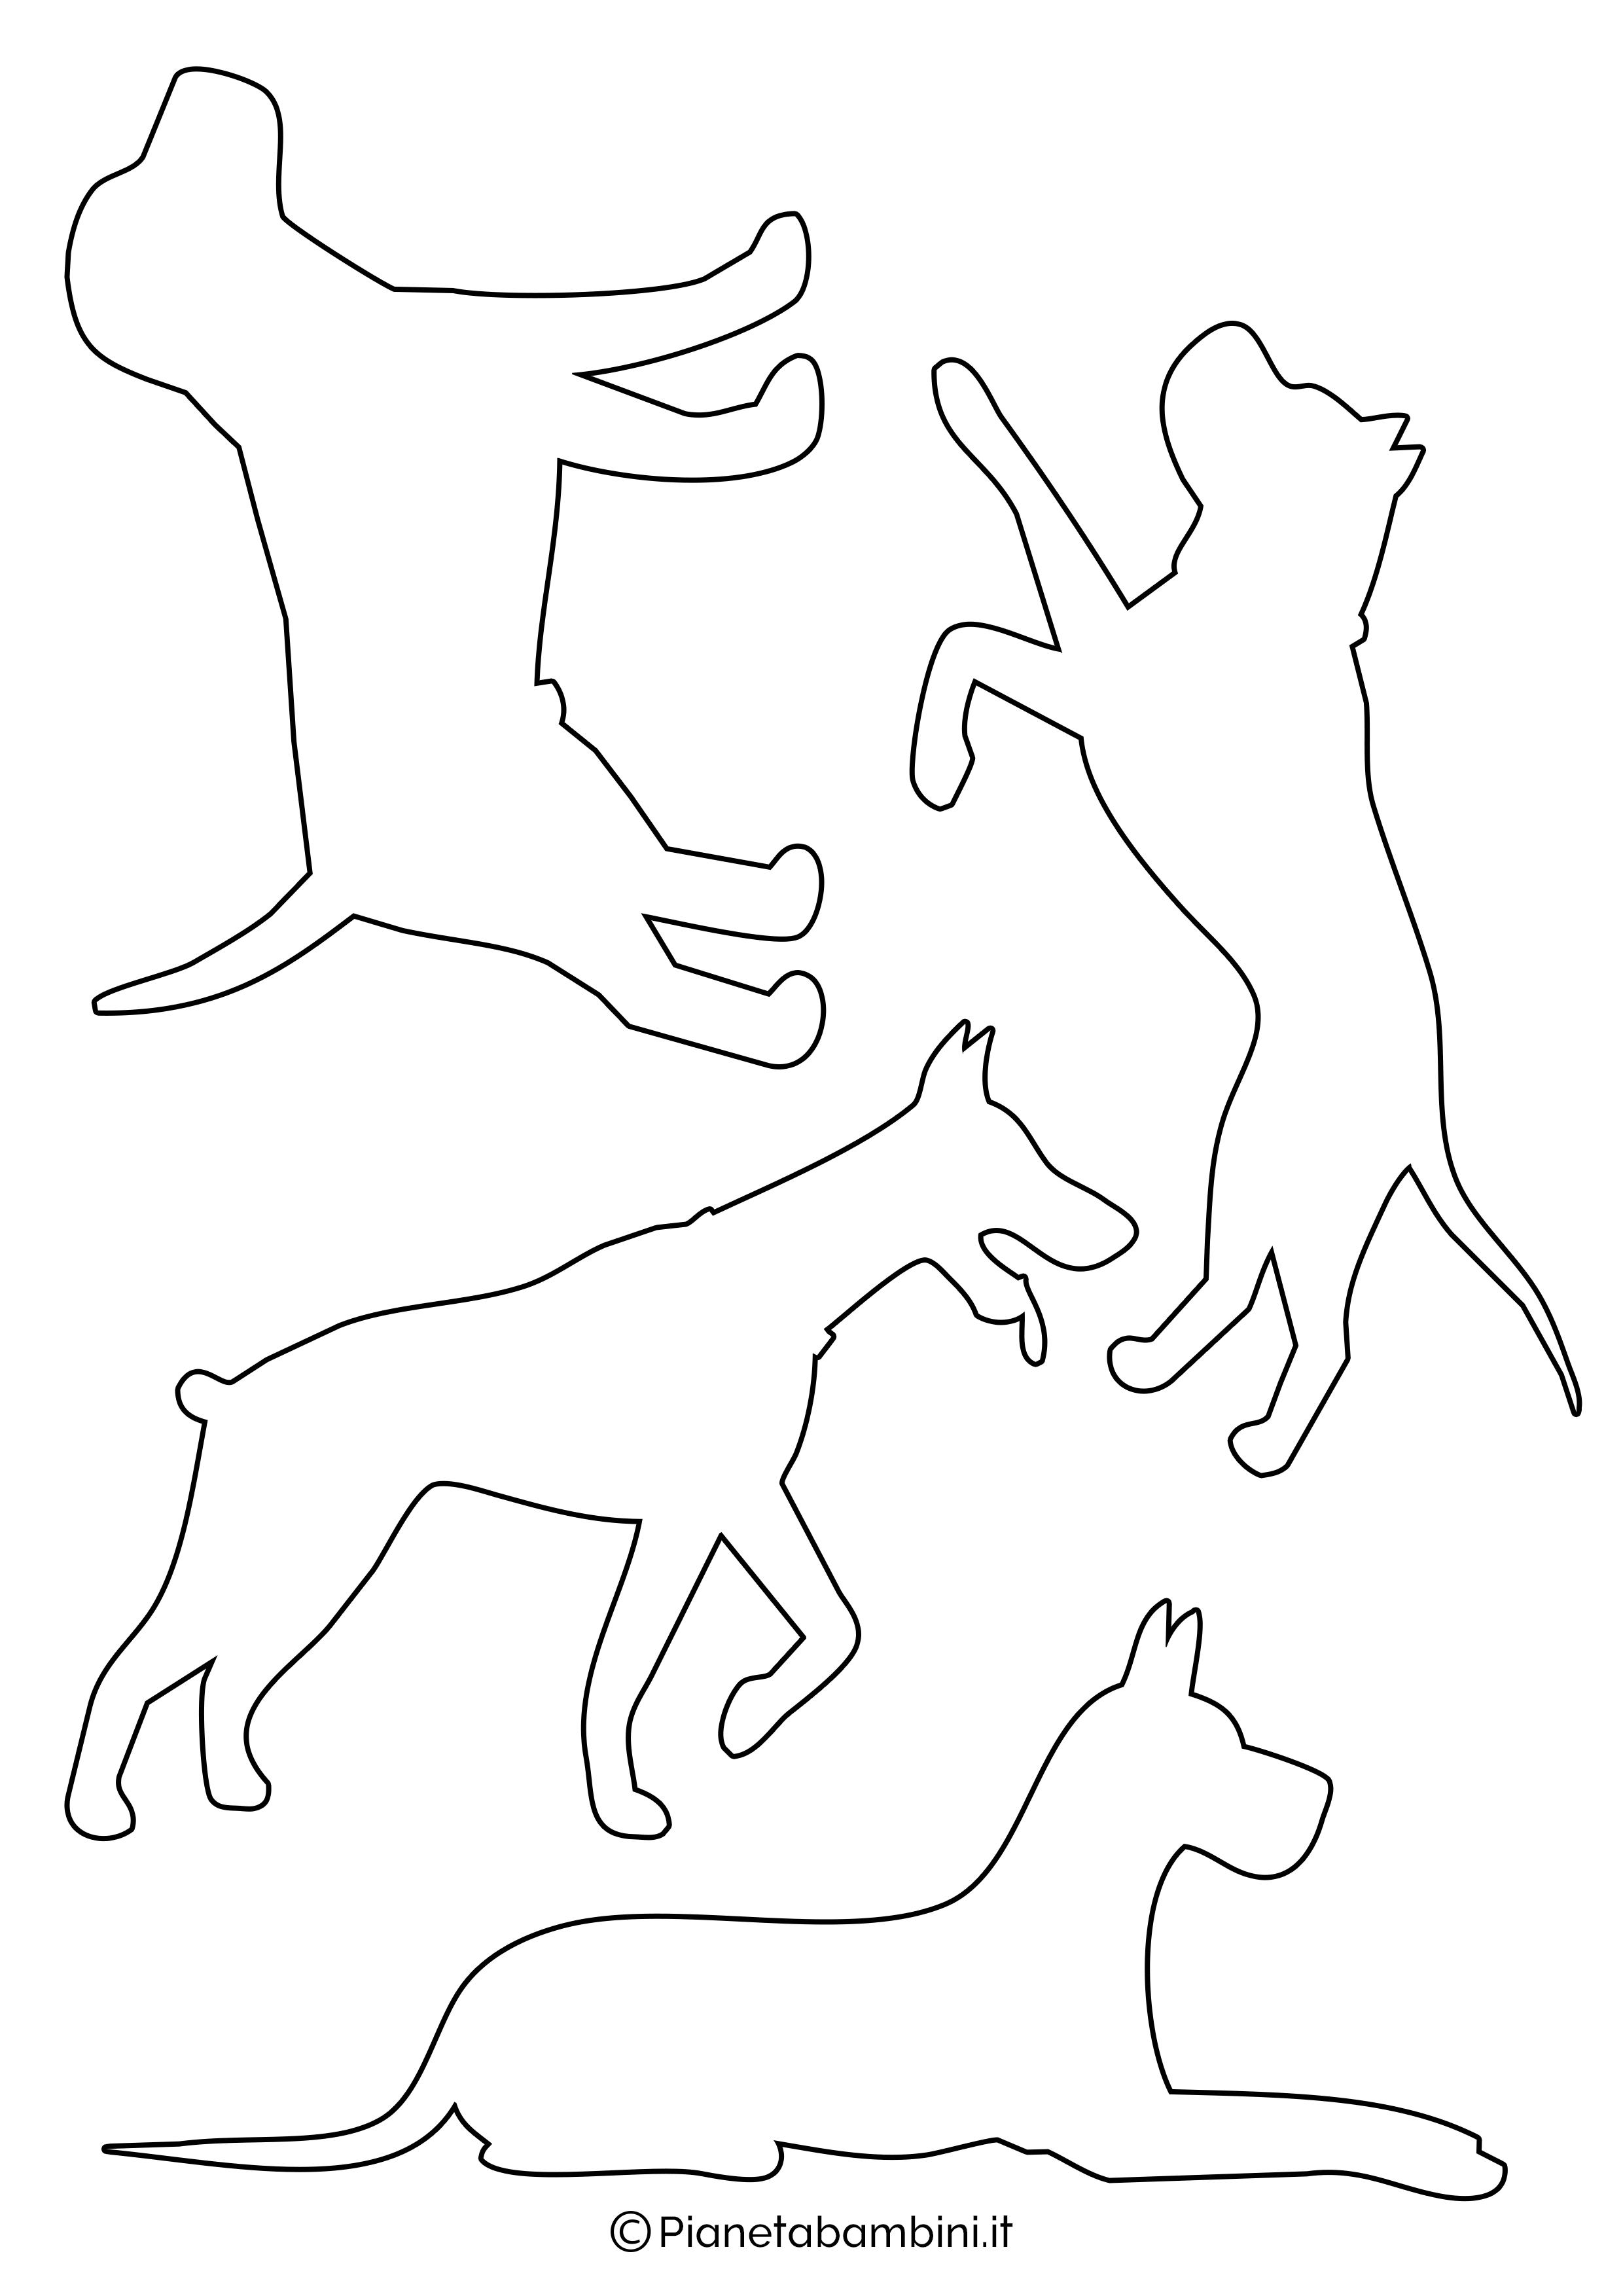 Sagome di cani piccole da ritagliare 3